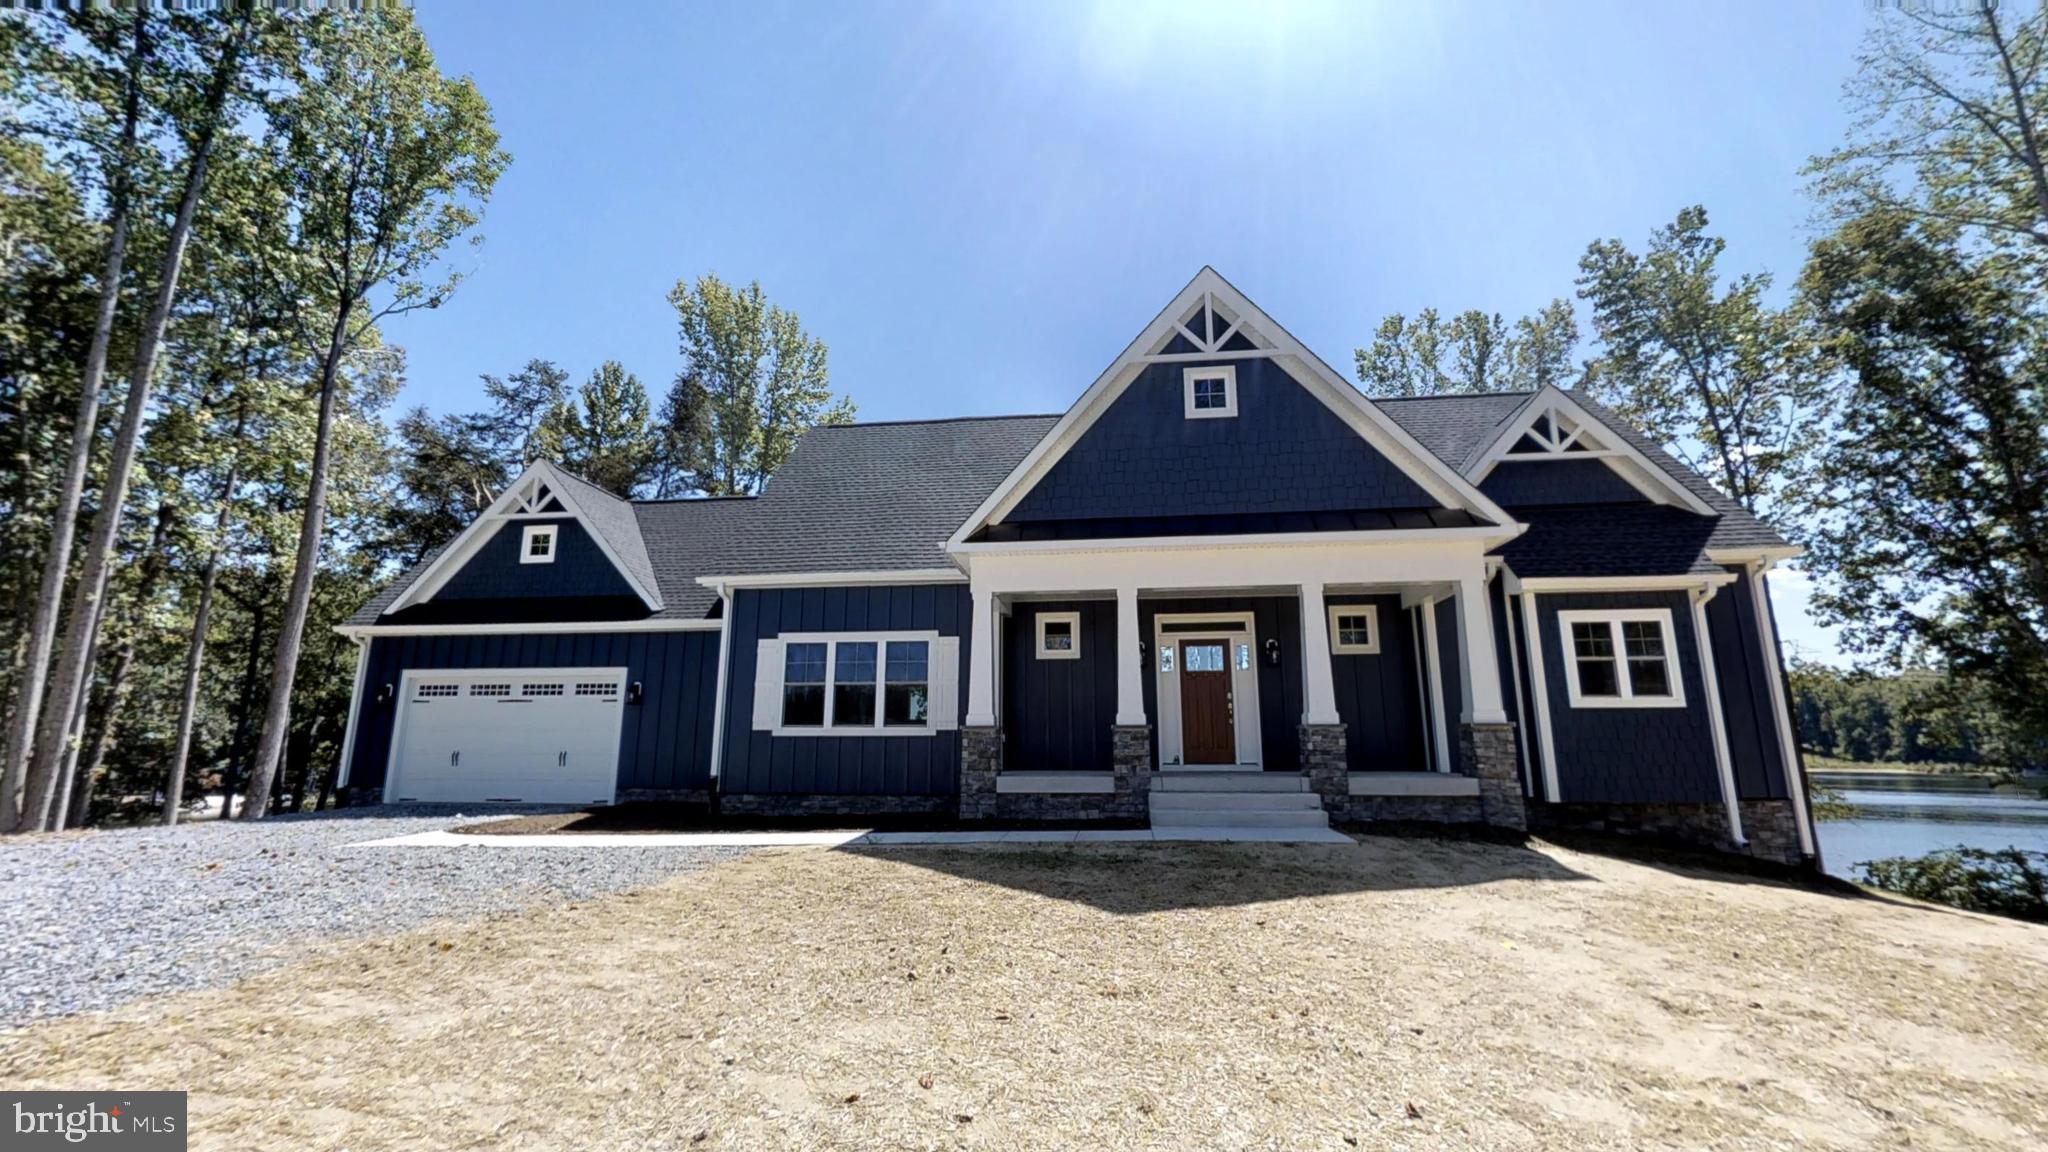 554 Burruss Mill Rd, Lot 9 Shenendoah Shores, Bumpass, VA 23024